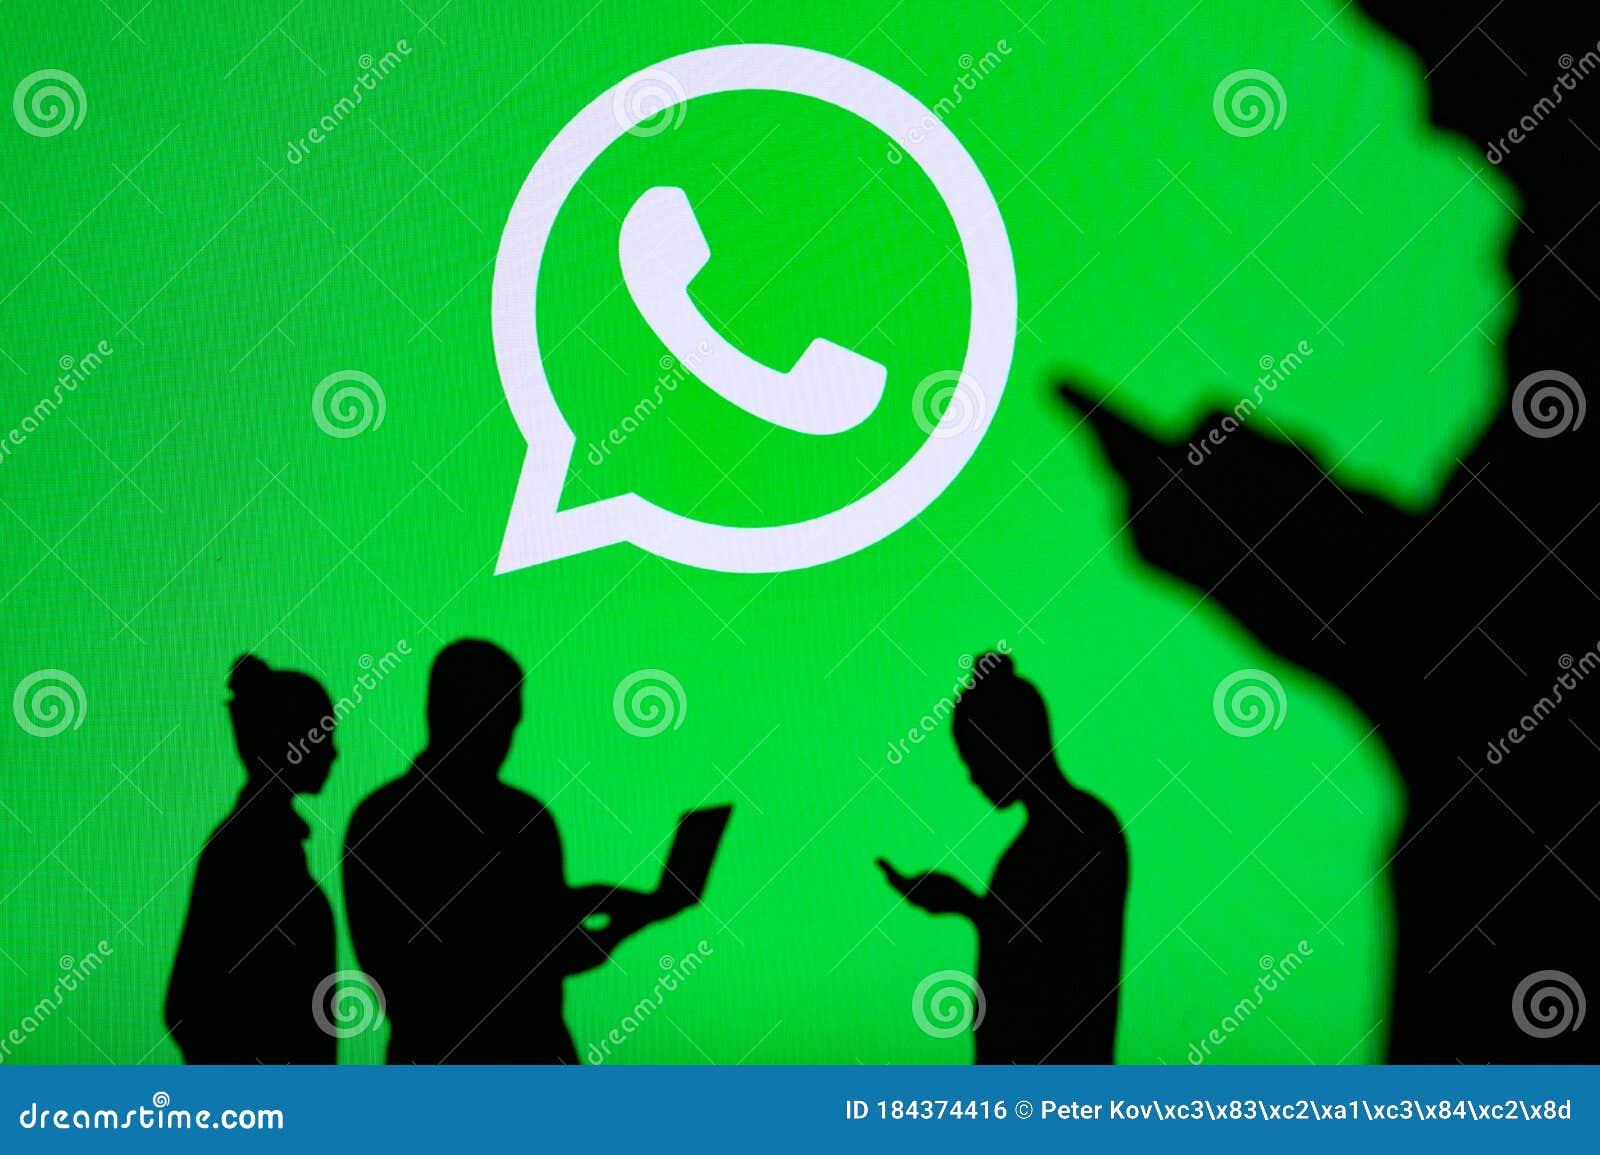 NEW YORK, USA, 25. MAY 2020: WhatsApp Cross-platform ...